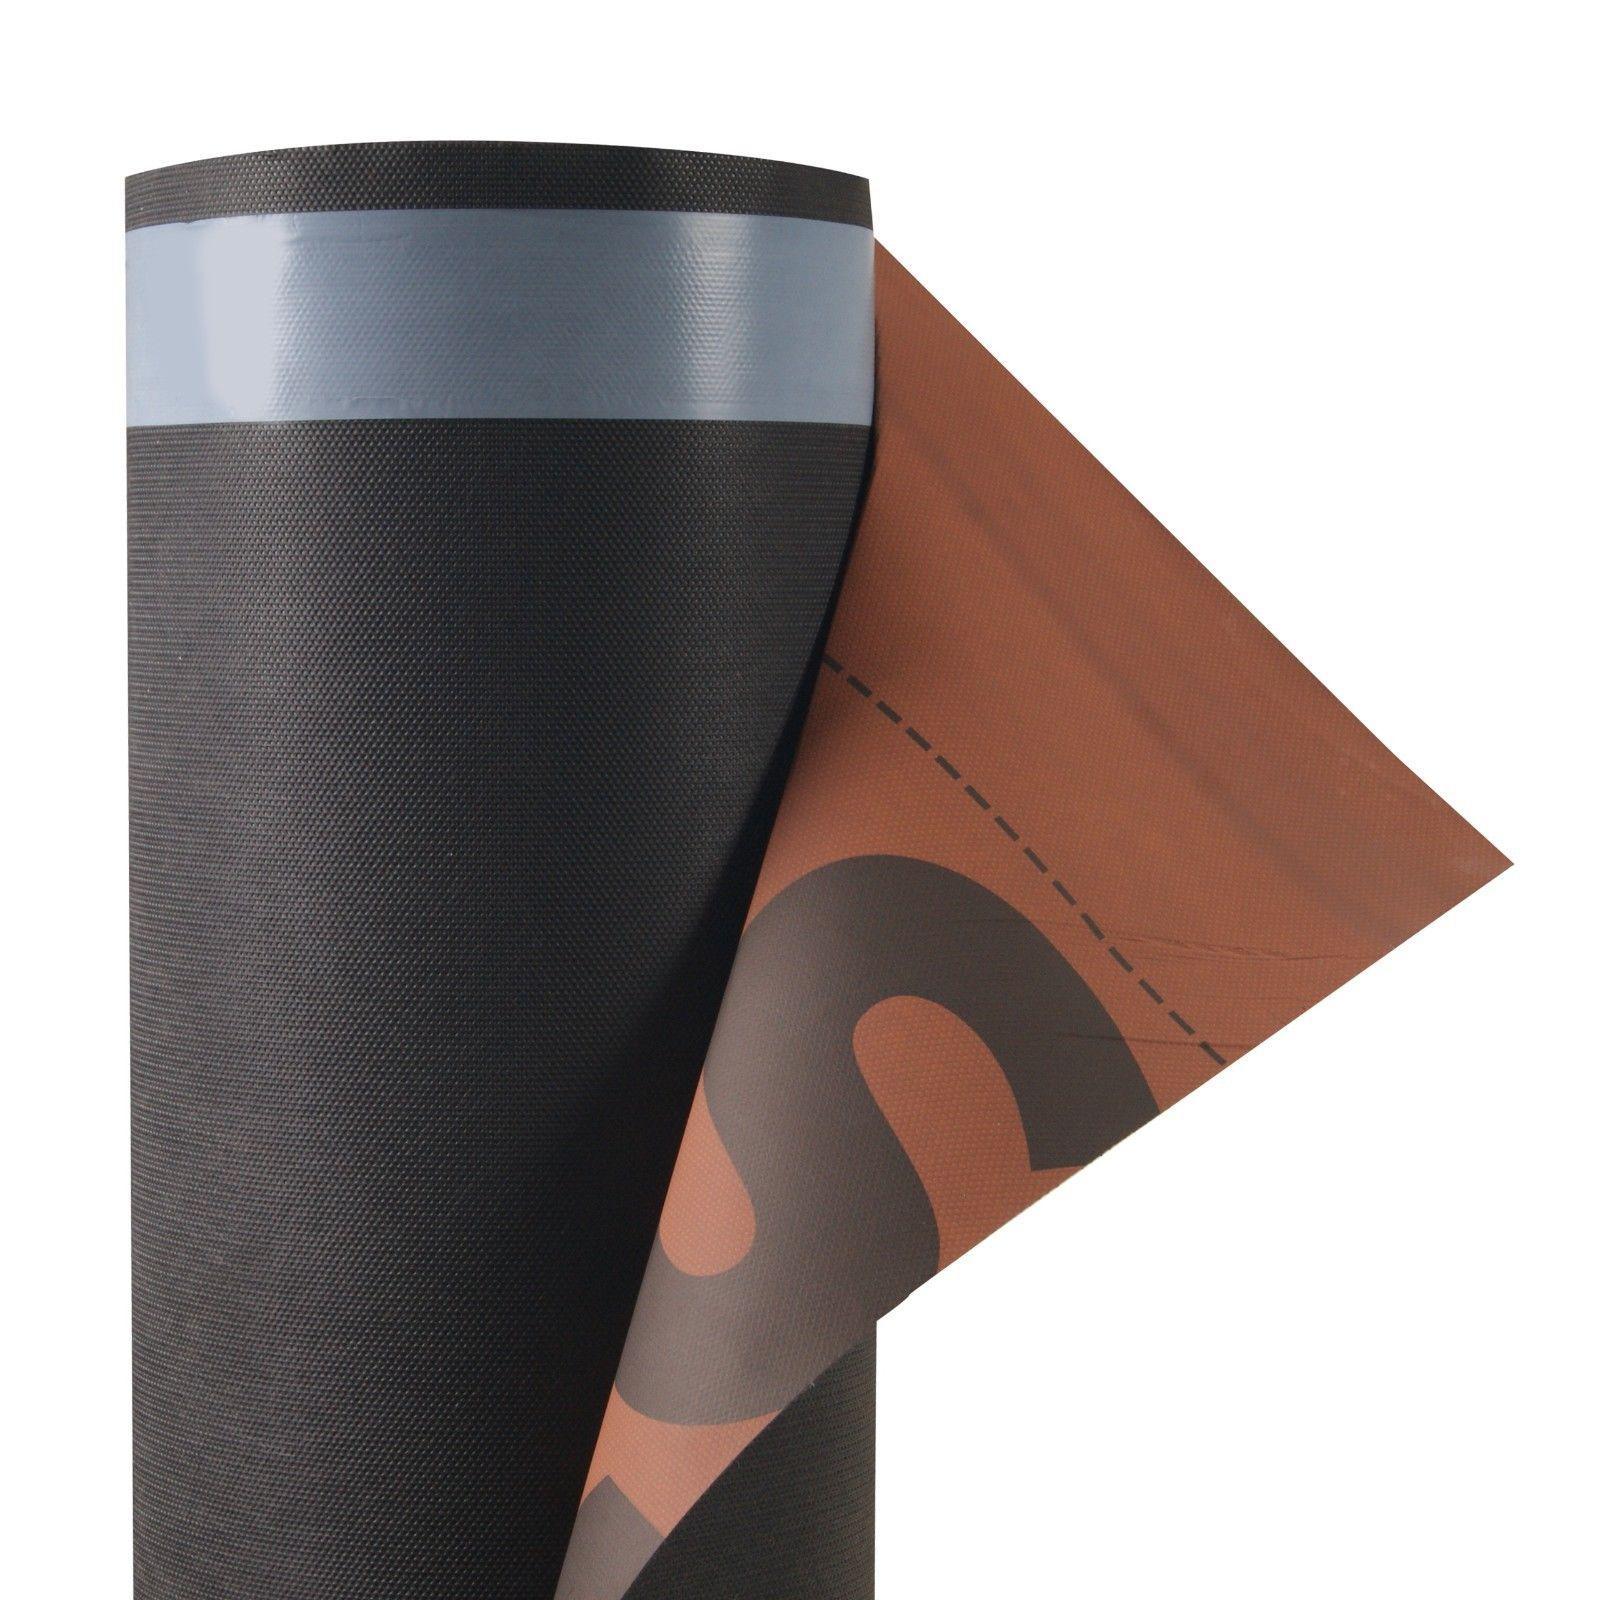 unterdeckbahn d rken delta foxx plus 75m unterspannbahn. Black Bedroom Furniture Sets. Home Design Ideas